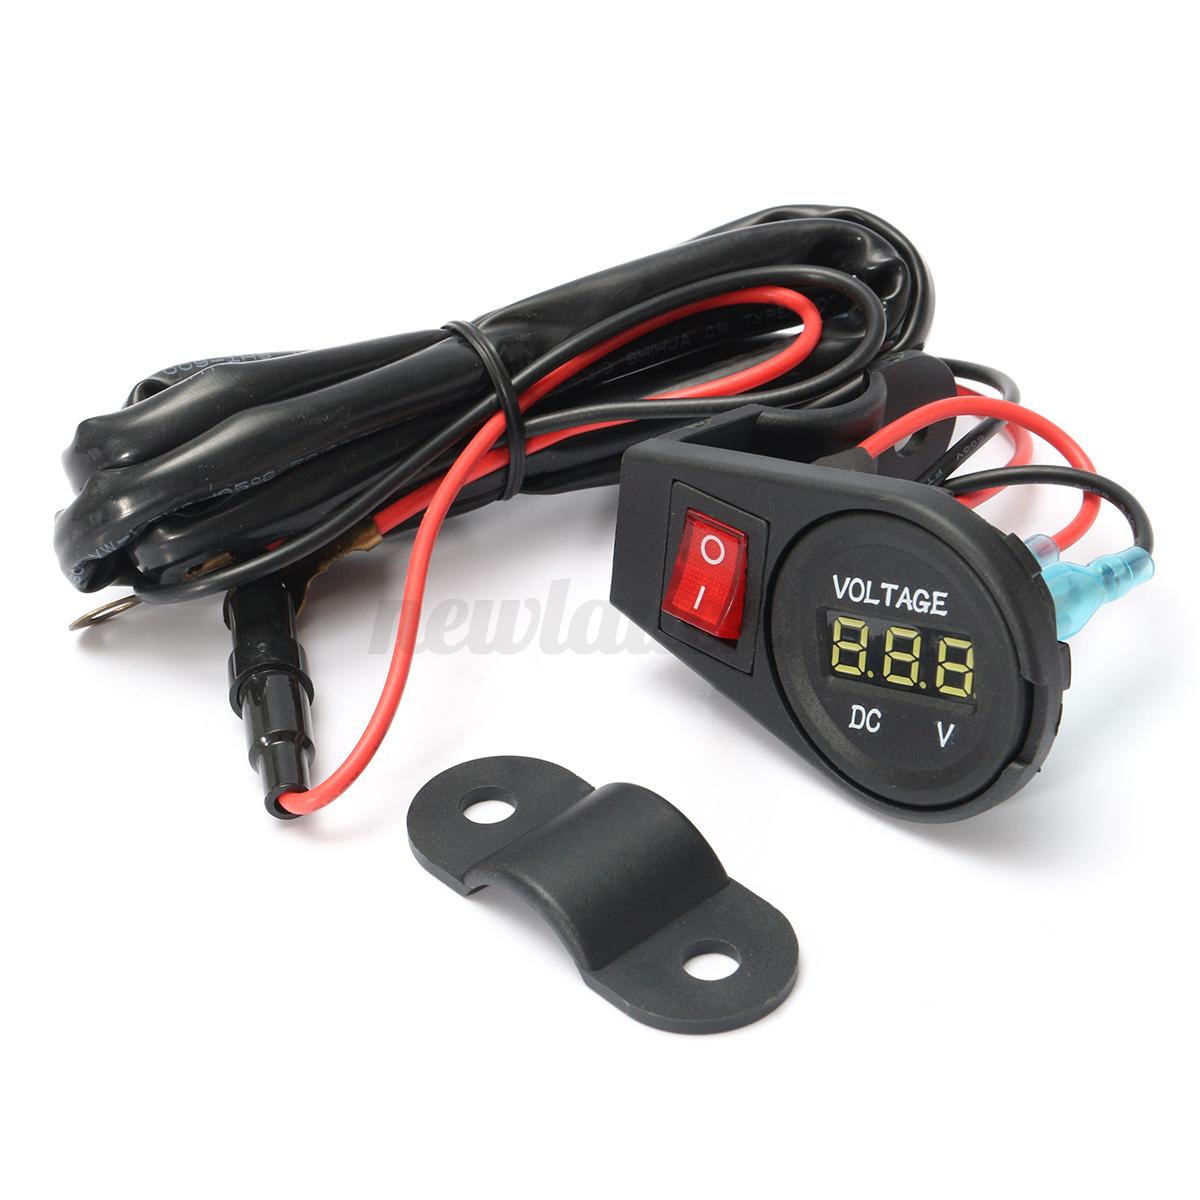 Motorcycle Digital Meter : V or motorcycle led digital display voltmeter